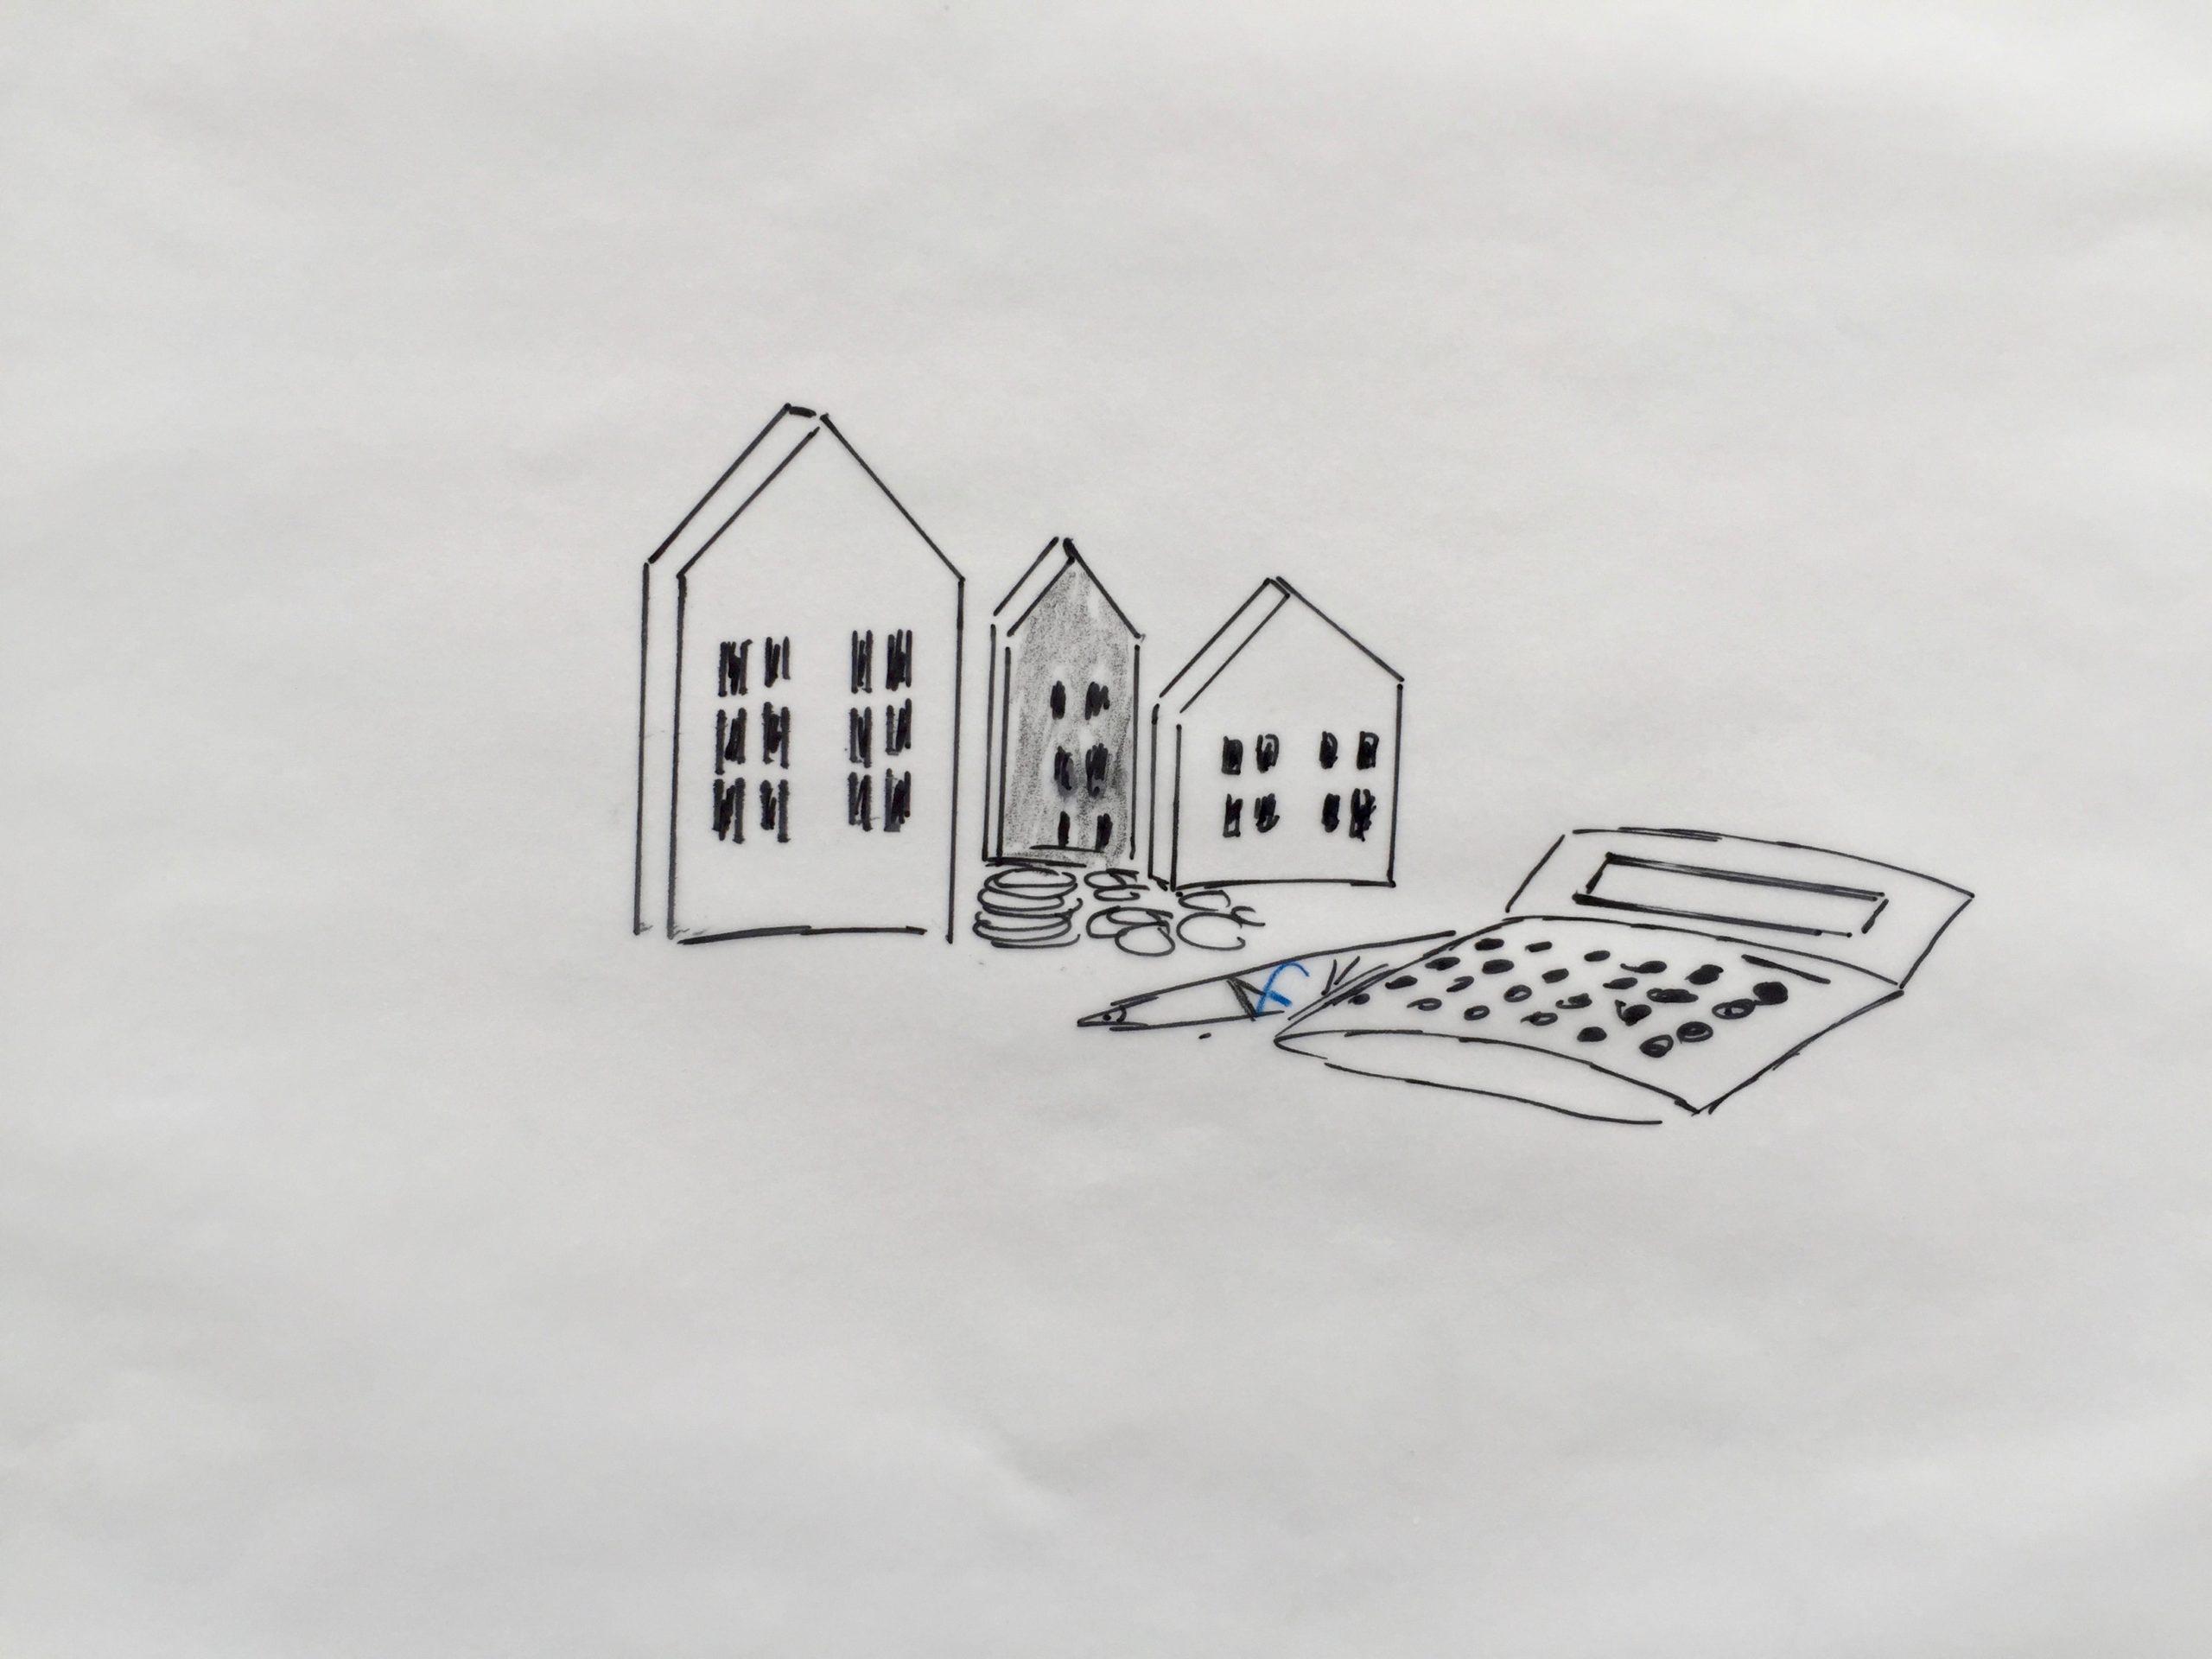 Baufinanzierung –Skizze: Verschieden große Häuser, Geldstücke & Taschenrechner. Verschaffen Sie sich einen ersten Überblick mit Baufinanzierungsrechner der FinanzKanzlei Bayern.